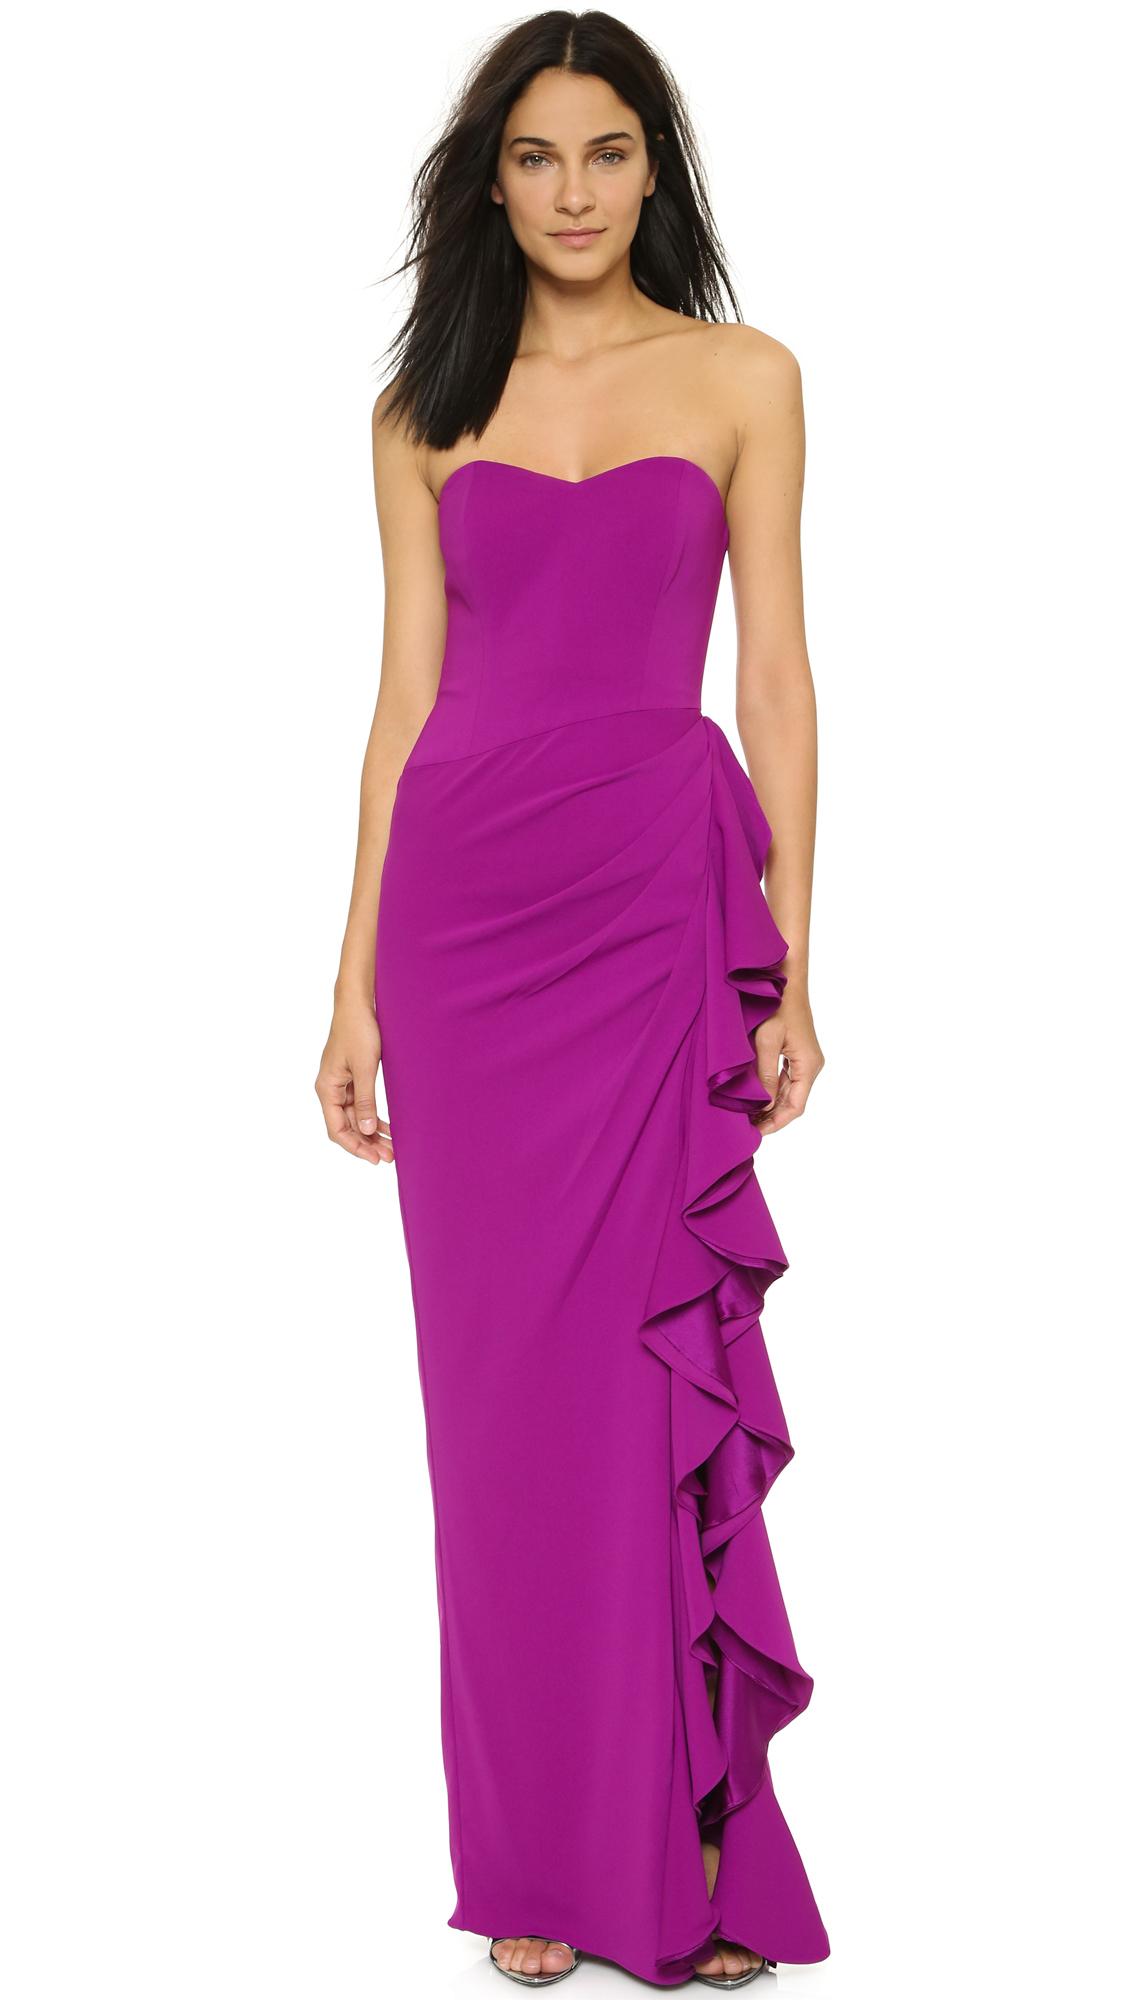 Miedoso Badgley Mischka Wedding Dress Ideas Ornamento Elaboración ...